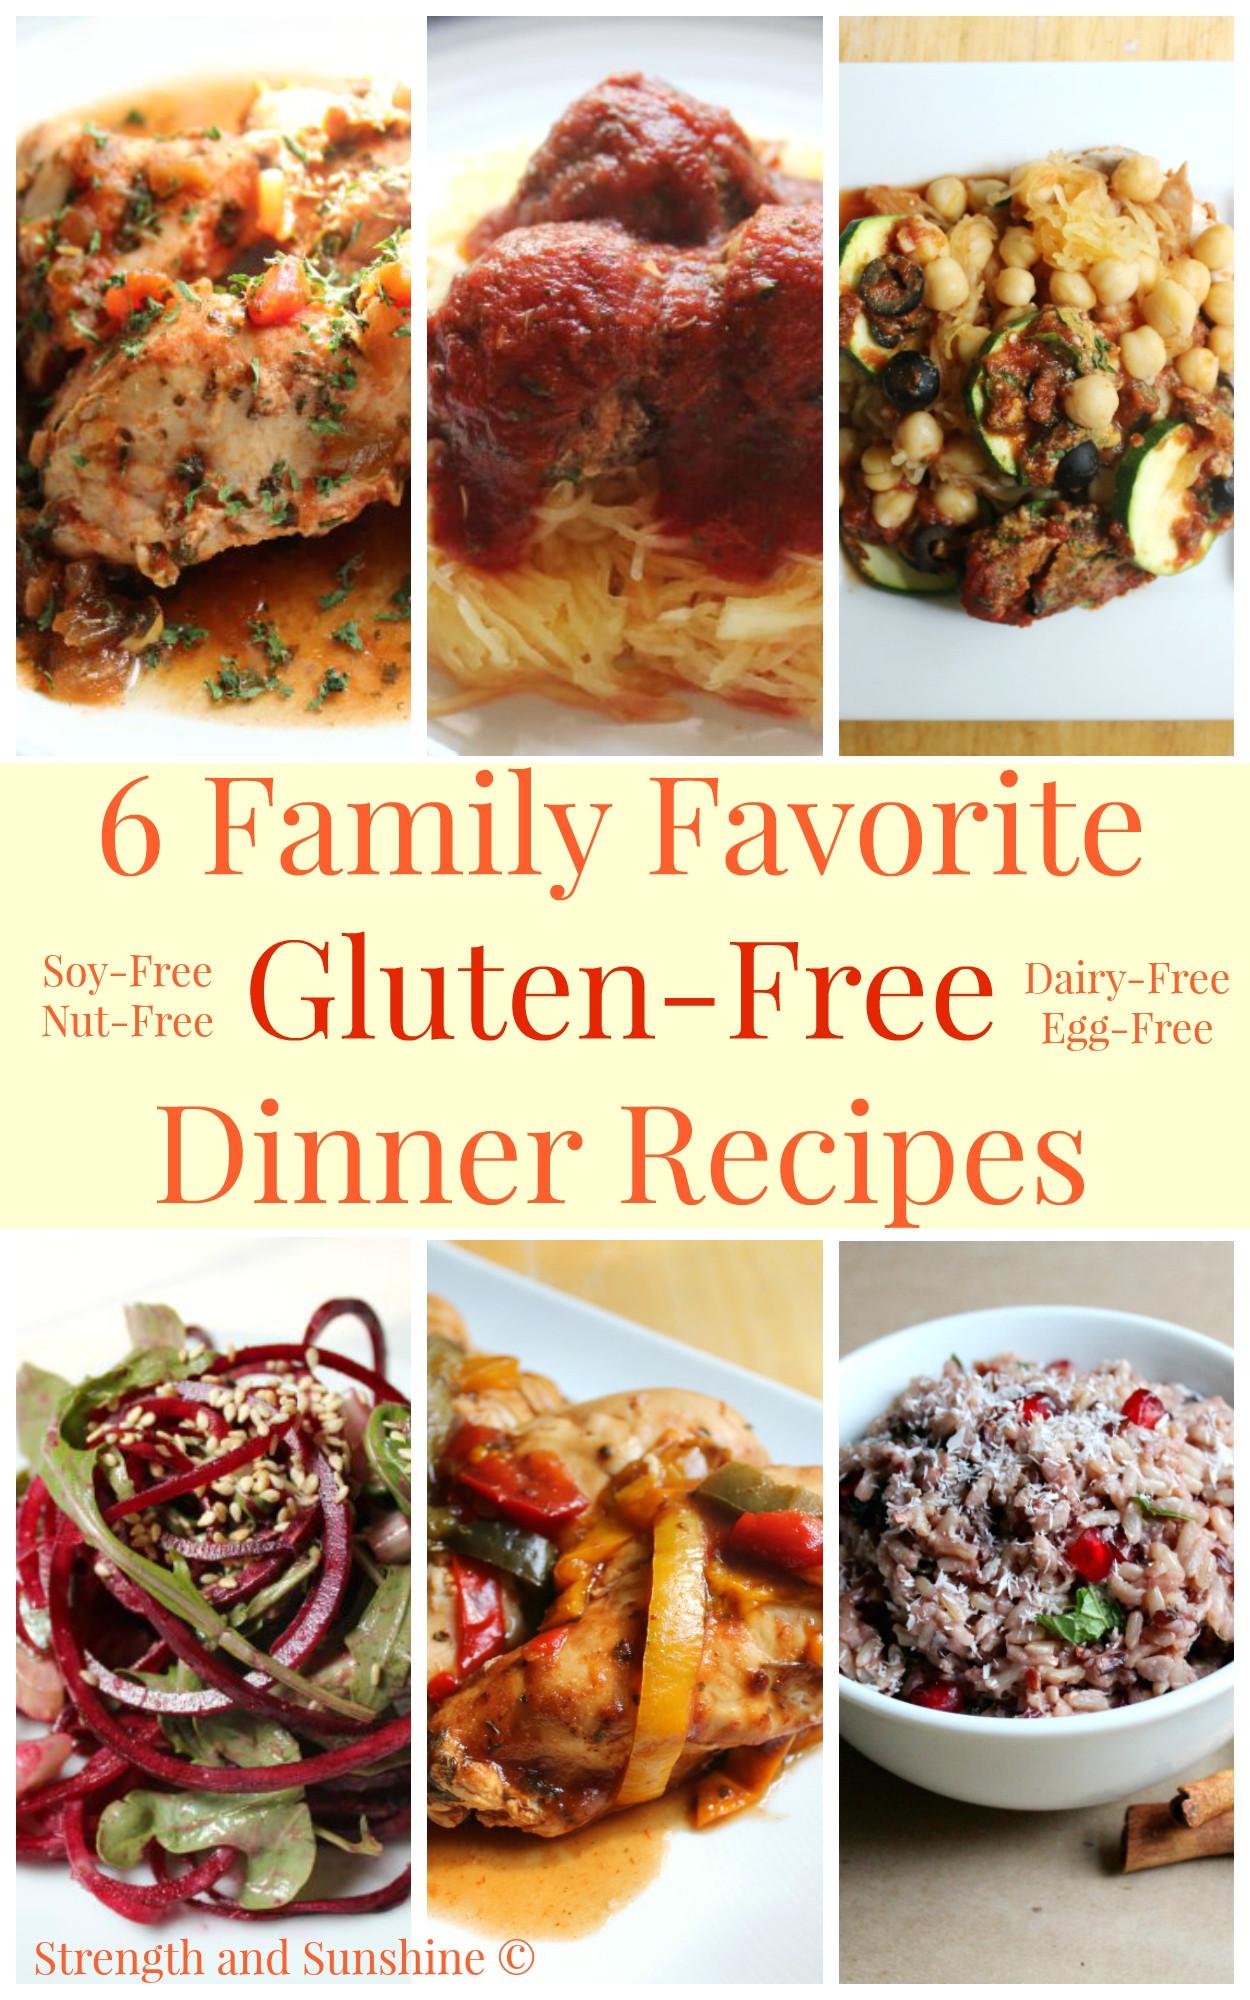 Gluten Free Recipes For Dinner  6 Family Favorite Gluten Free Dinner Recipes